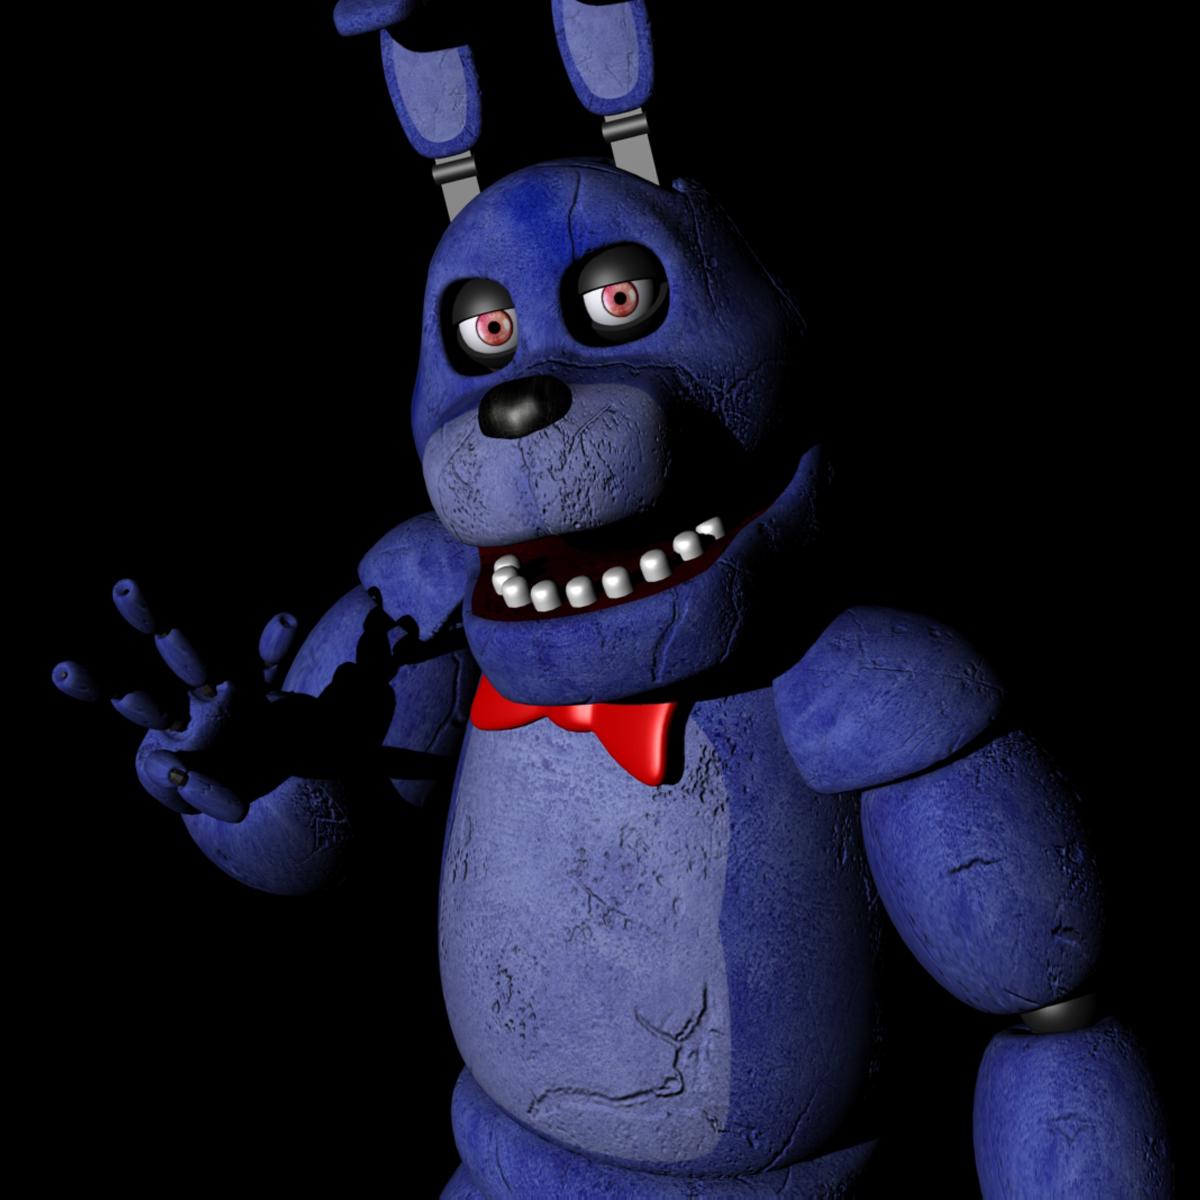 Five Nights At Freddy's Bonnie Animated bonnie from five nights at freddy's